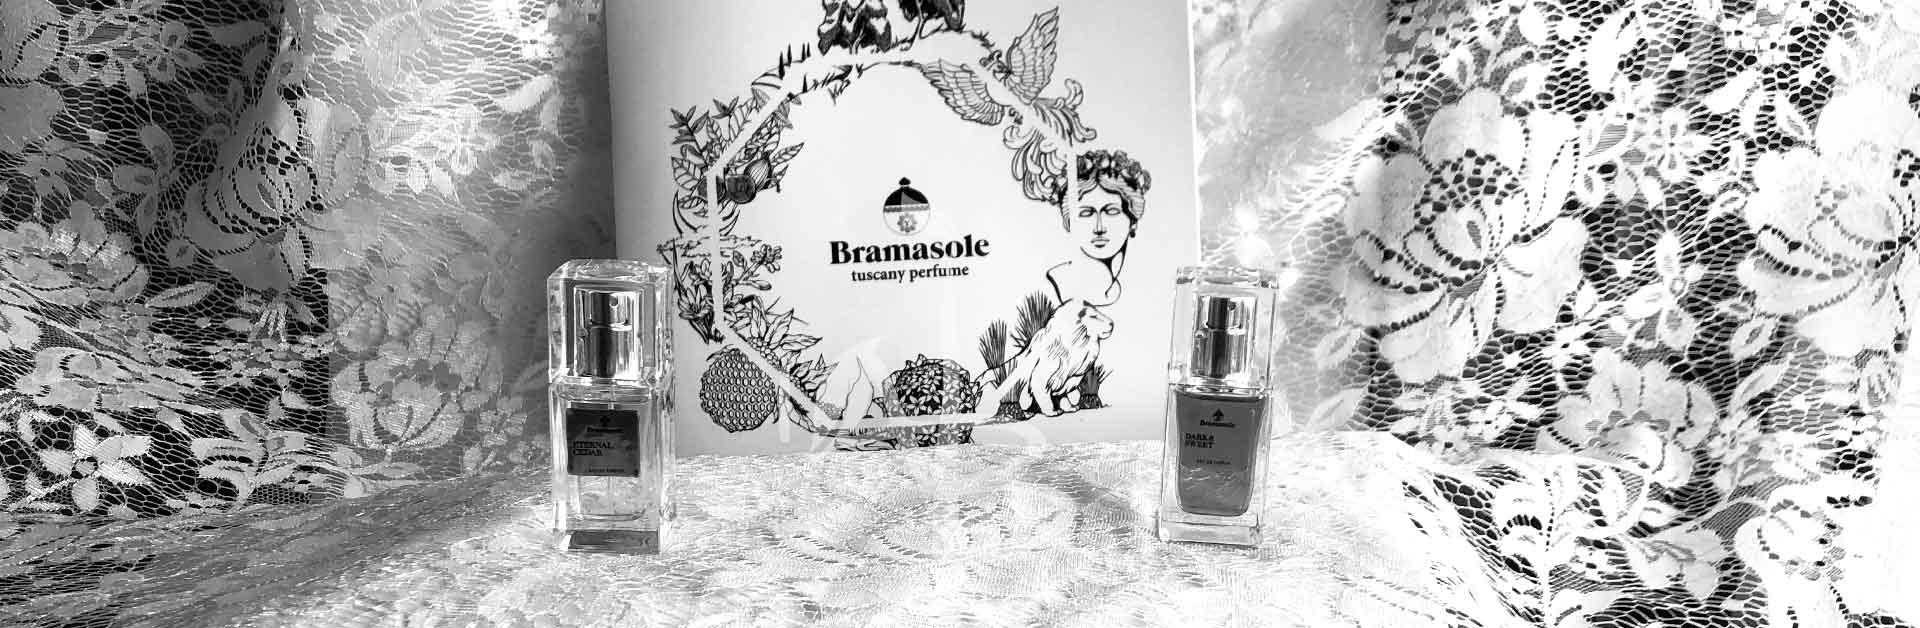 Eau de parfum Bramasole